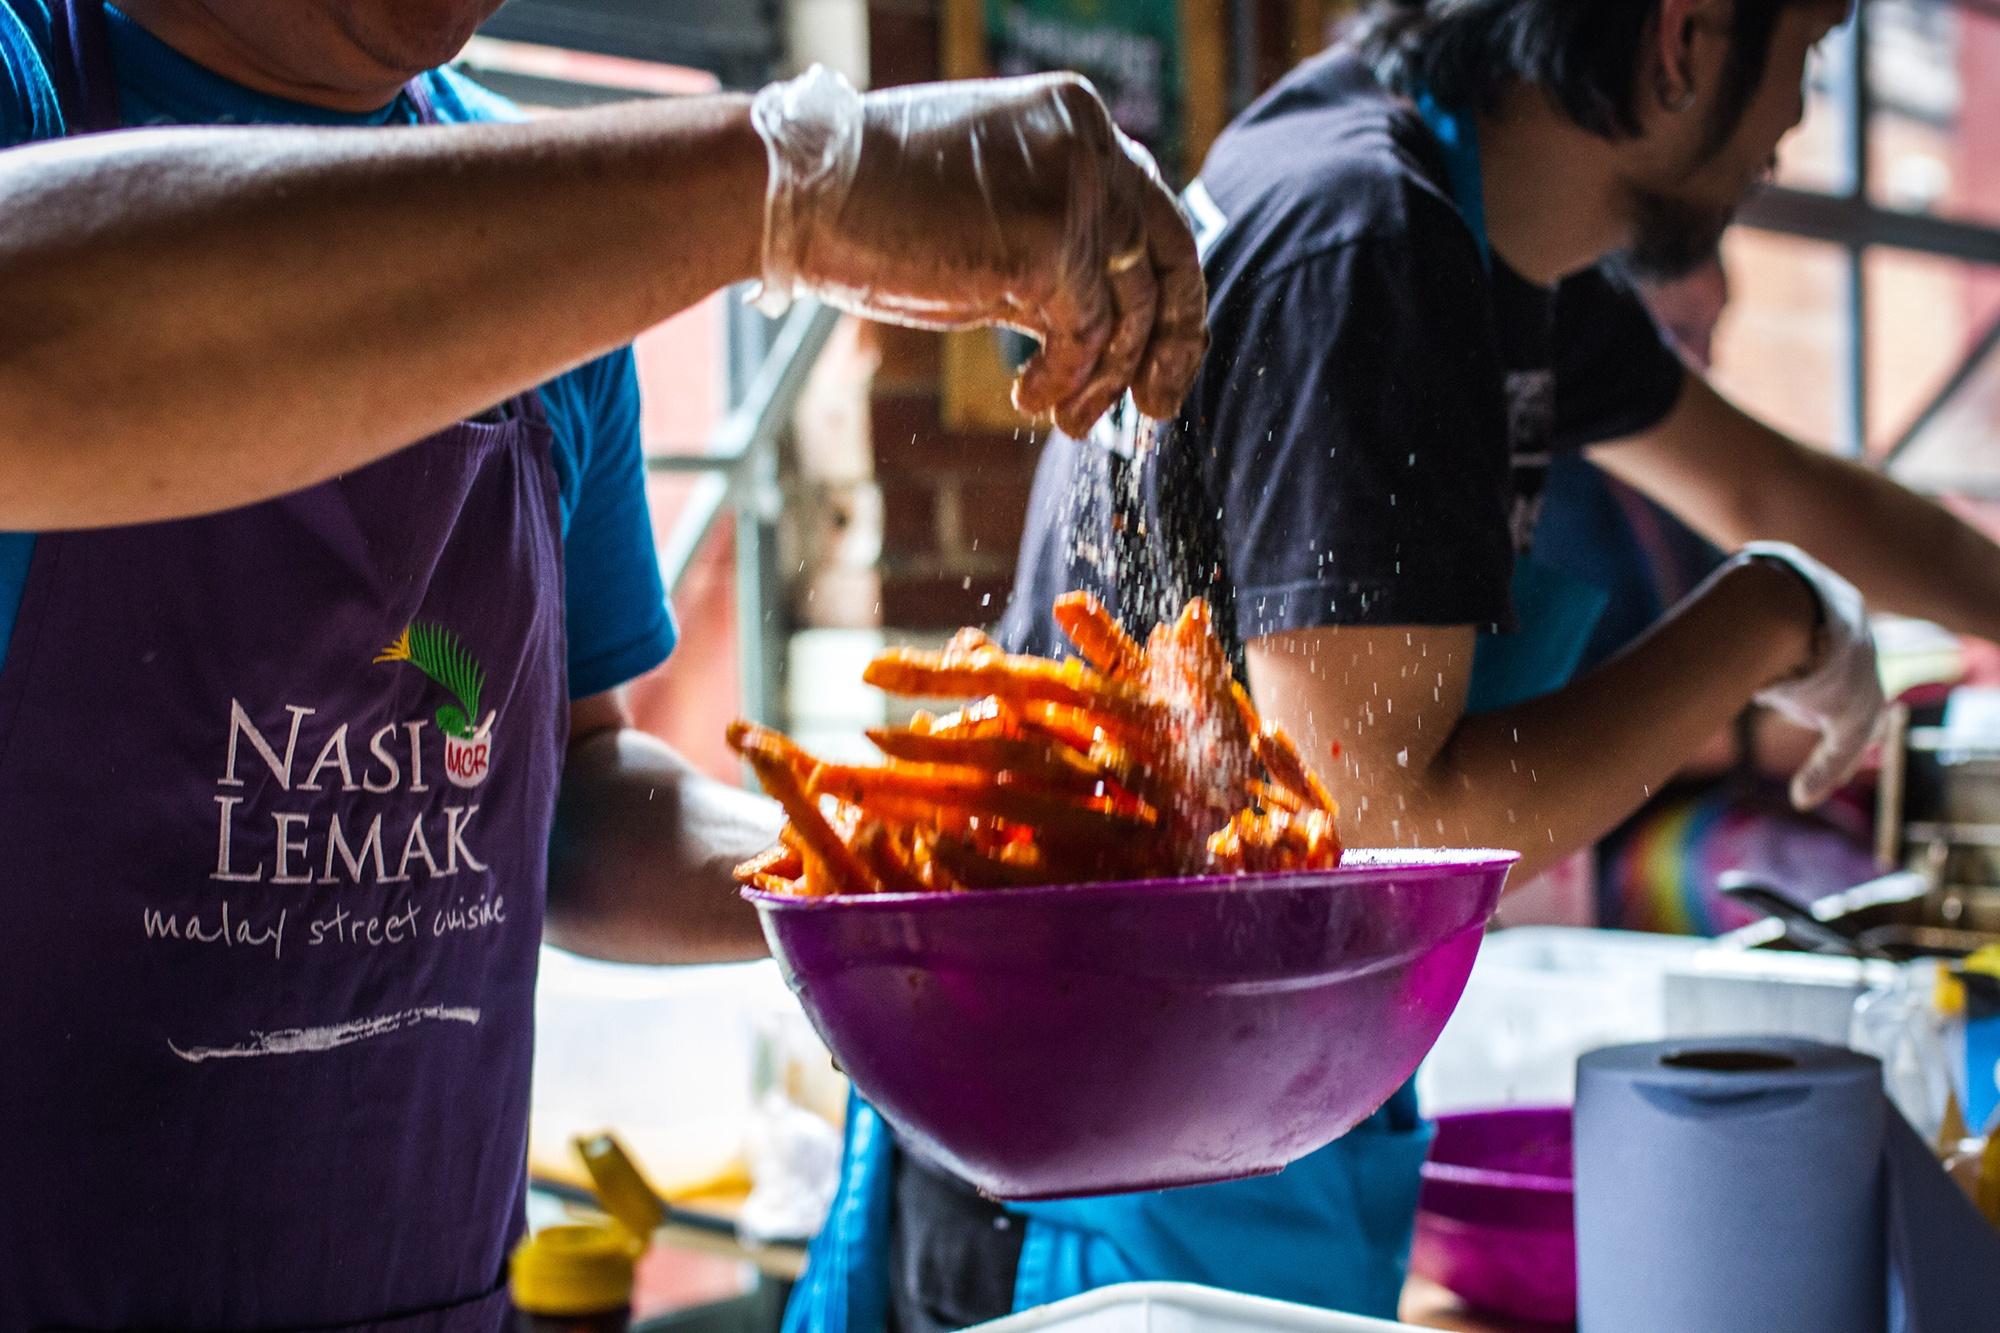 Nasi Lemak, street food vendor at Leeds Indie Food Festival